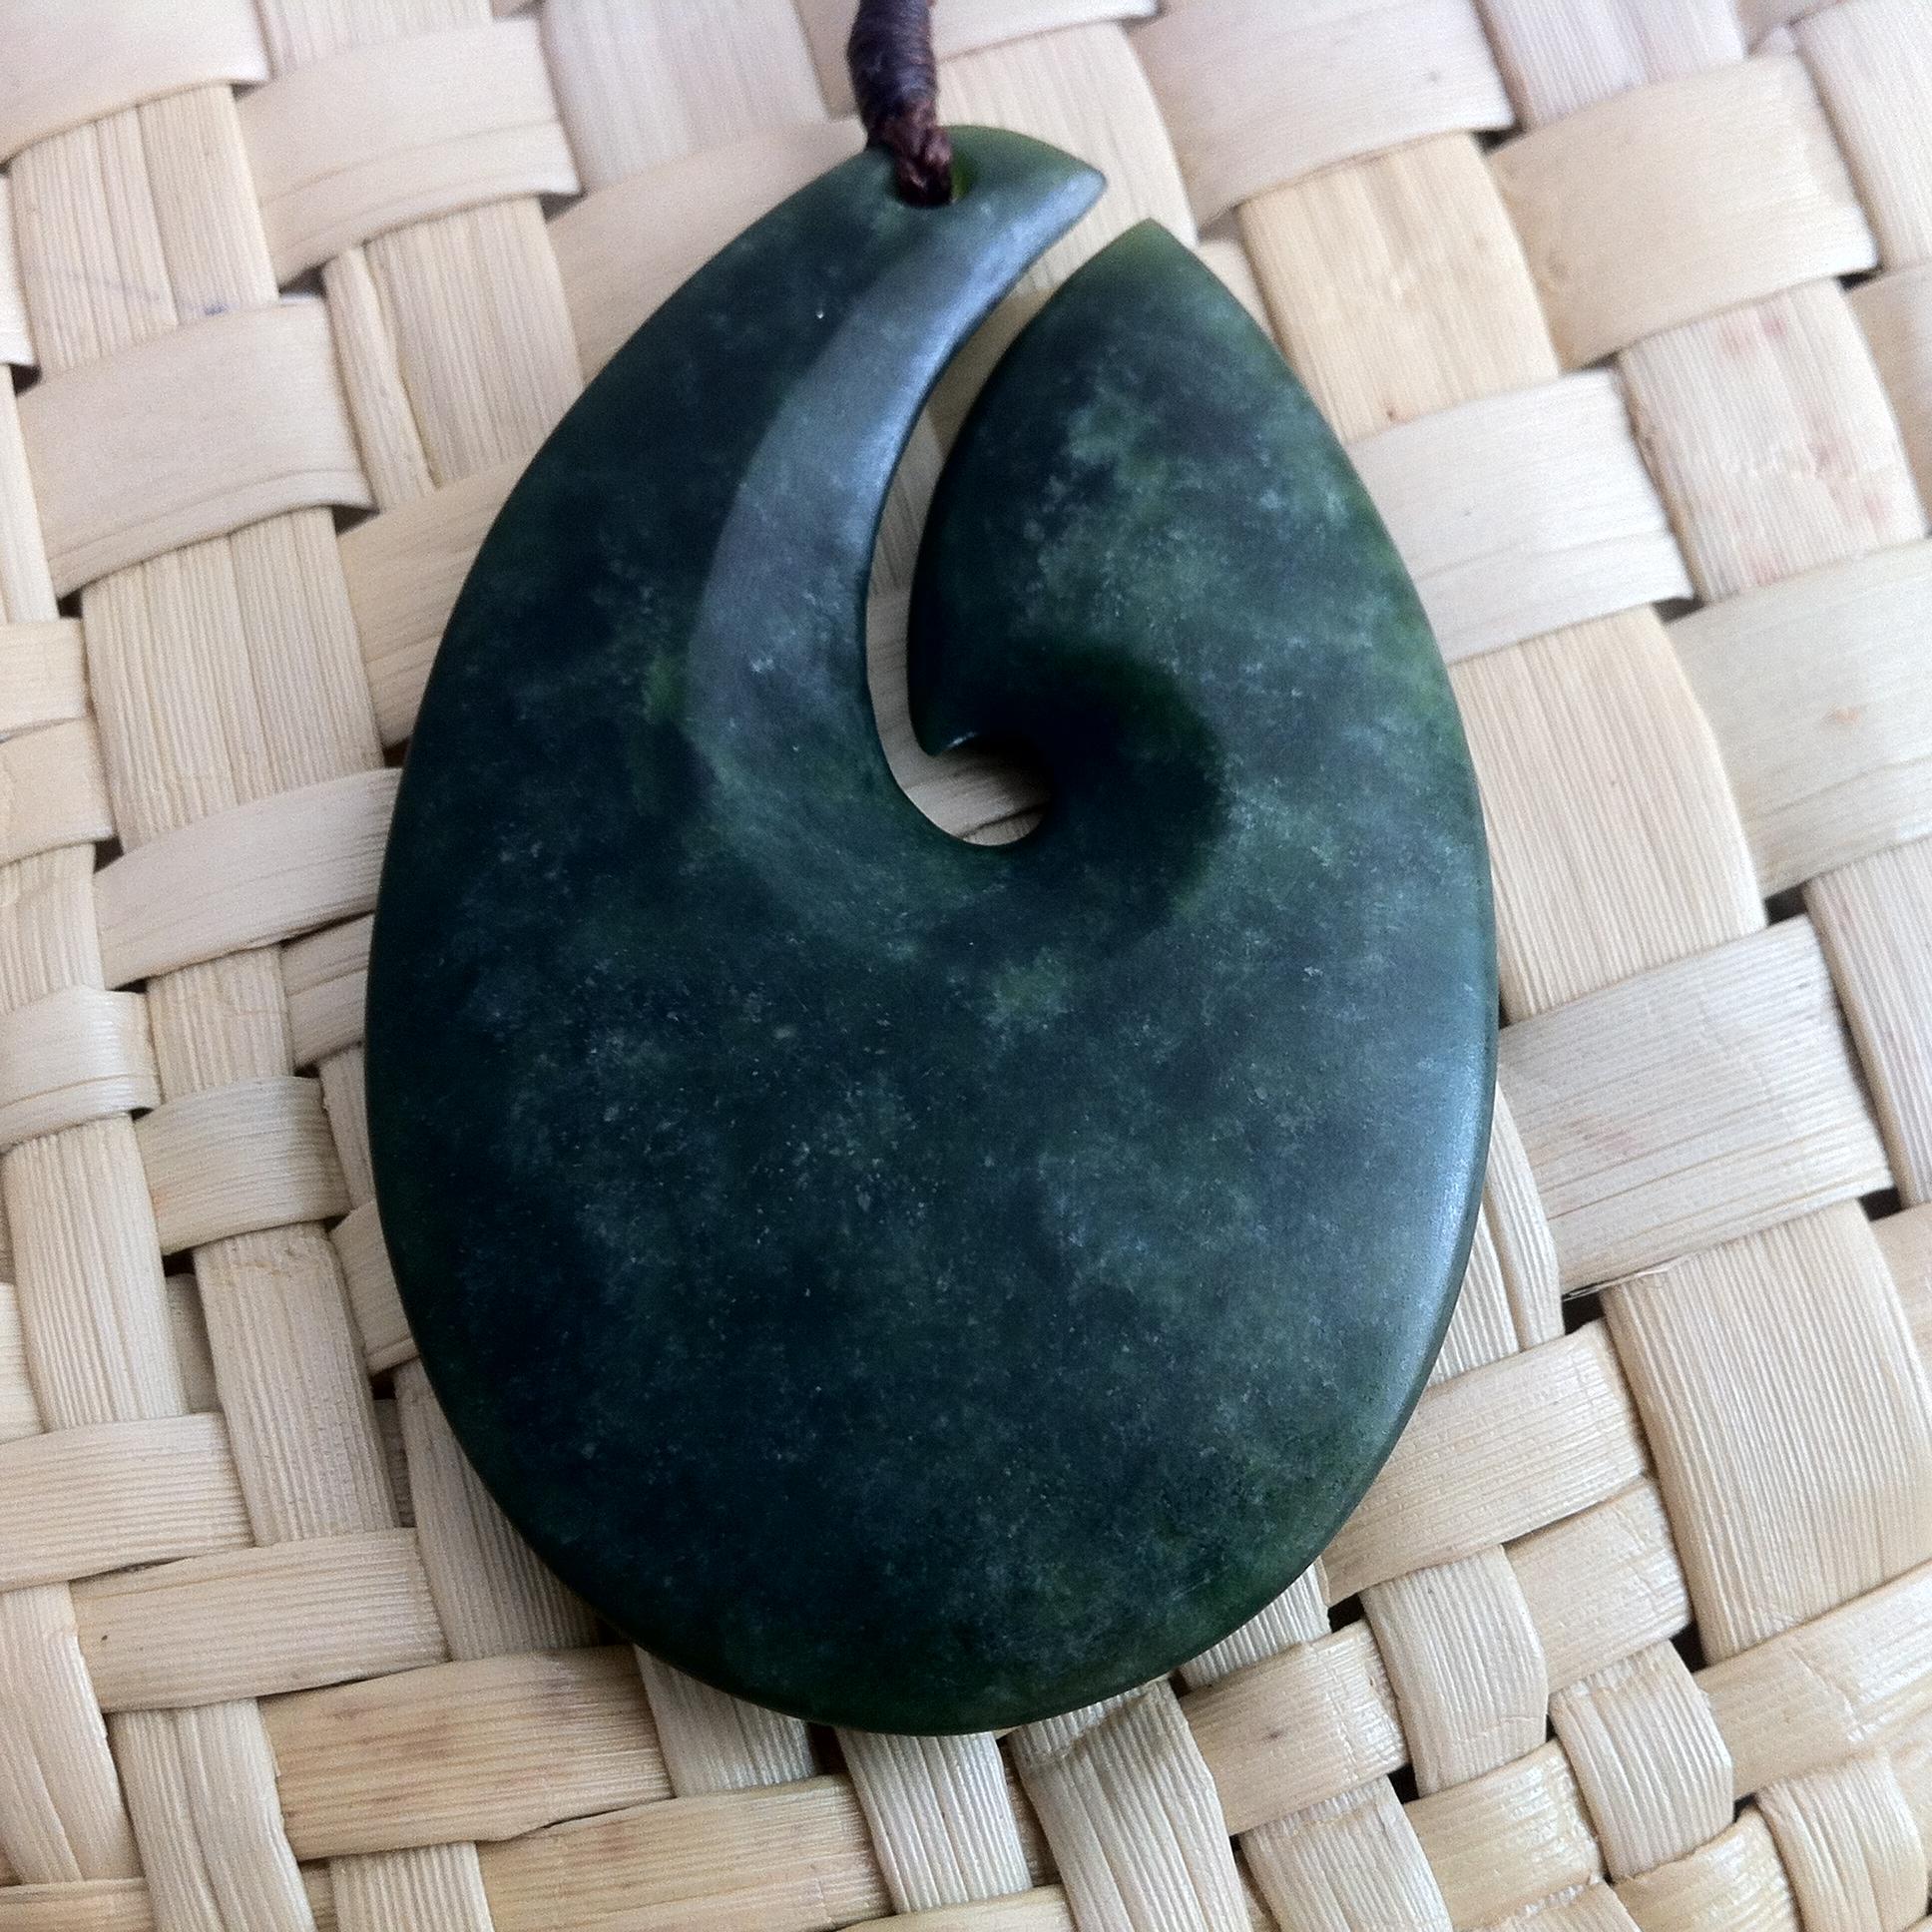 M07623 - Jade/Greenstone Carving Matau